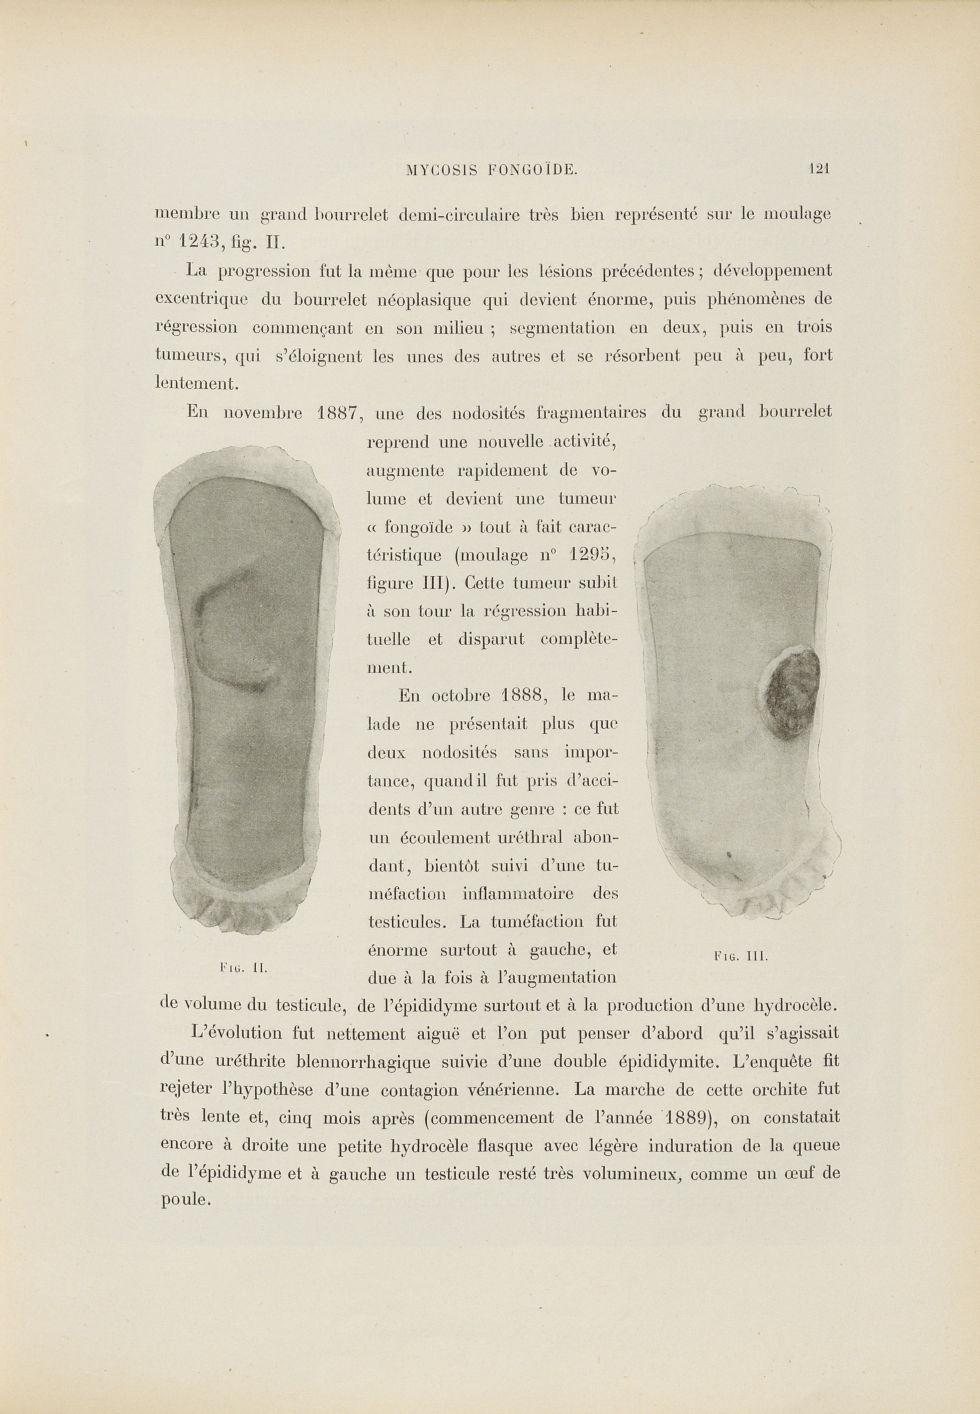 Fig. II. Grand bourrelet demi-circulaire [tumeur à la cuisse chez un malade atteint de mycosis fongo [...] - Dermatologie (peau). Grosseurs et tuméfactions. Tumeurs. Membres inférieurs. Cuisses. 19e siècle (France) - med01740x0144